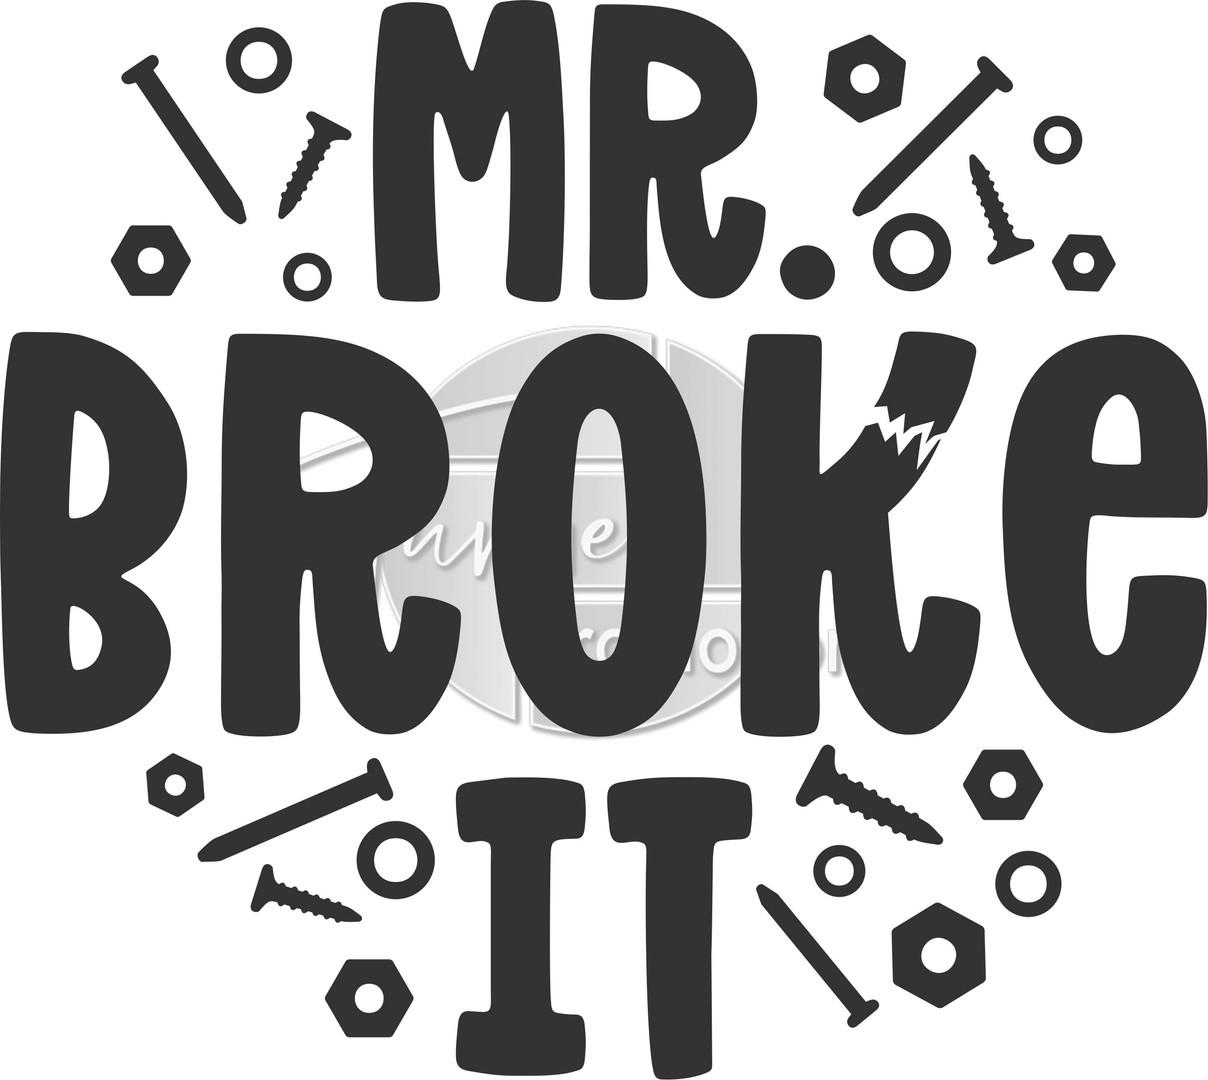 Mr Broke it.jpg